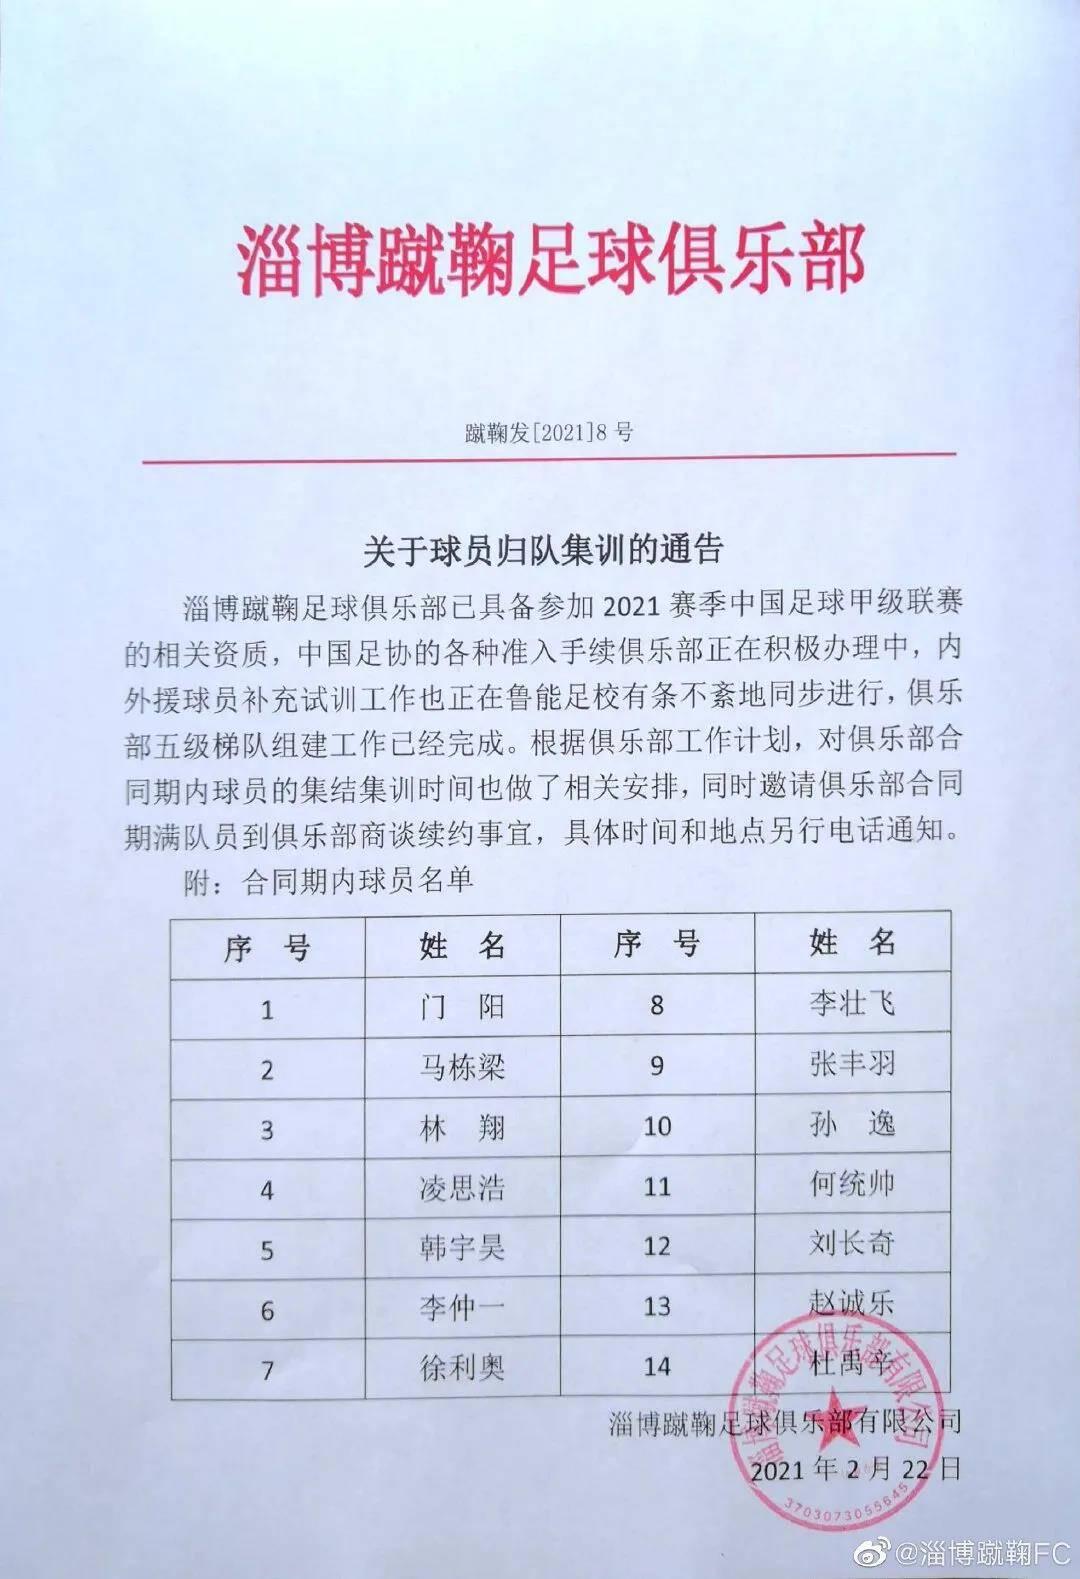 官方:淄博蹴鞠获得参加中甲联赛相关资质 准入手续正在积极办理